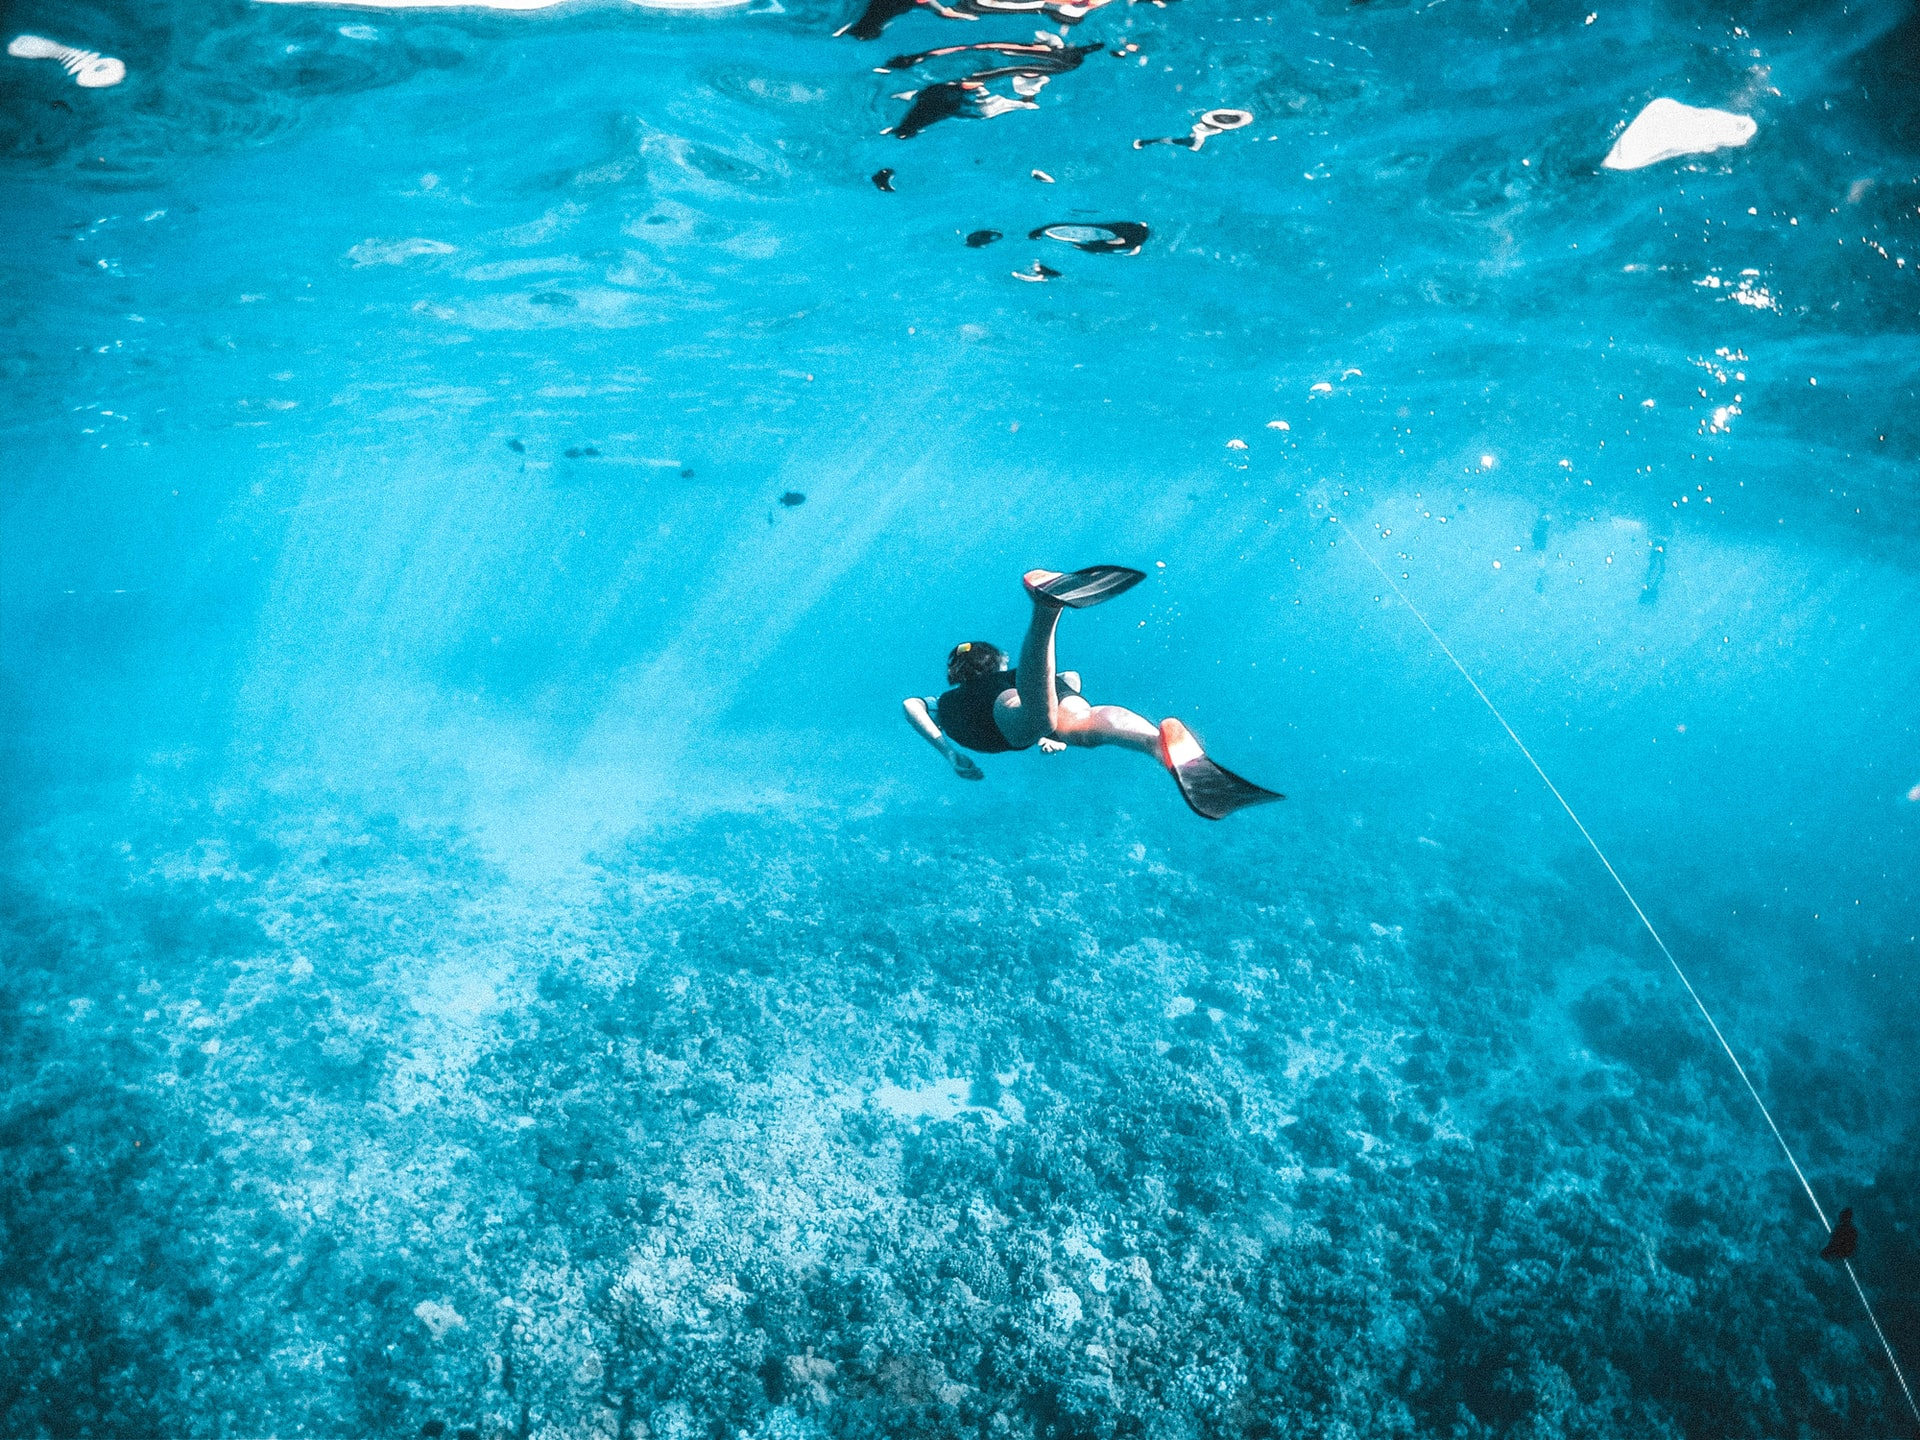 snorkeling in key largo, key largo snorkeling